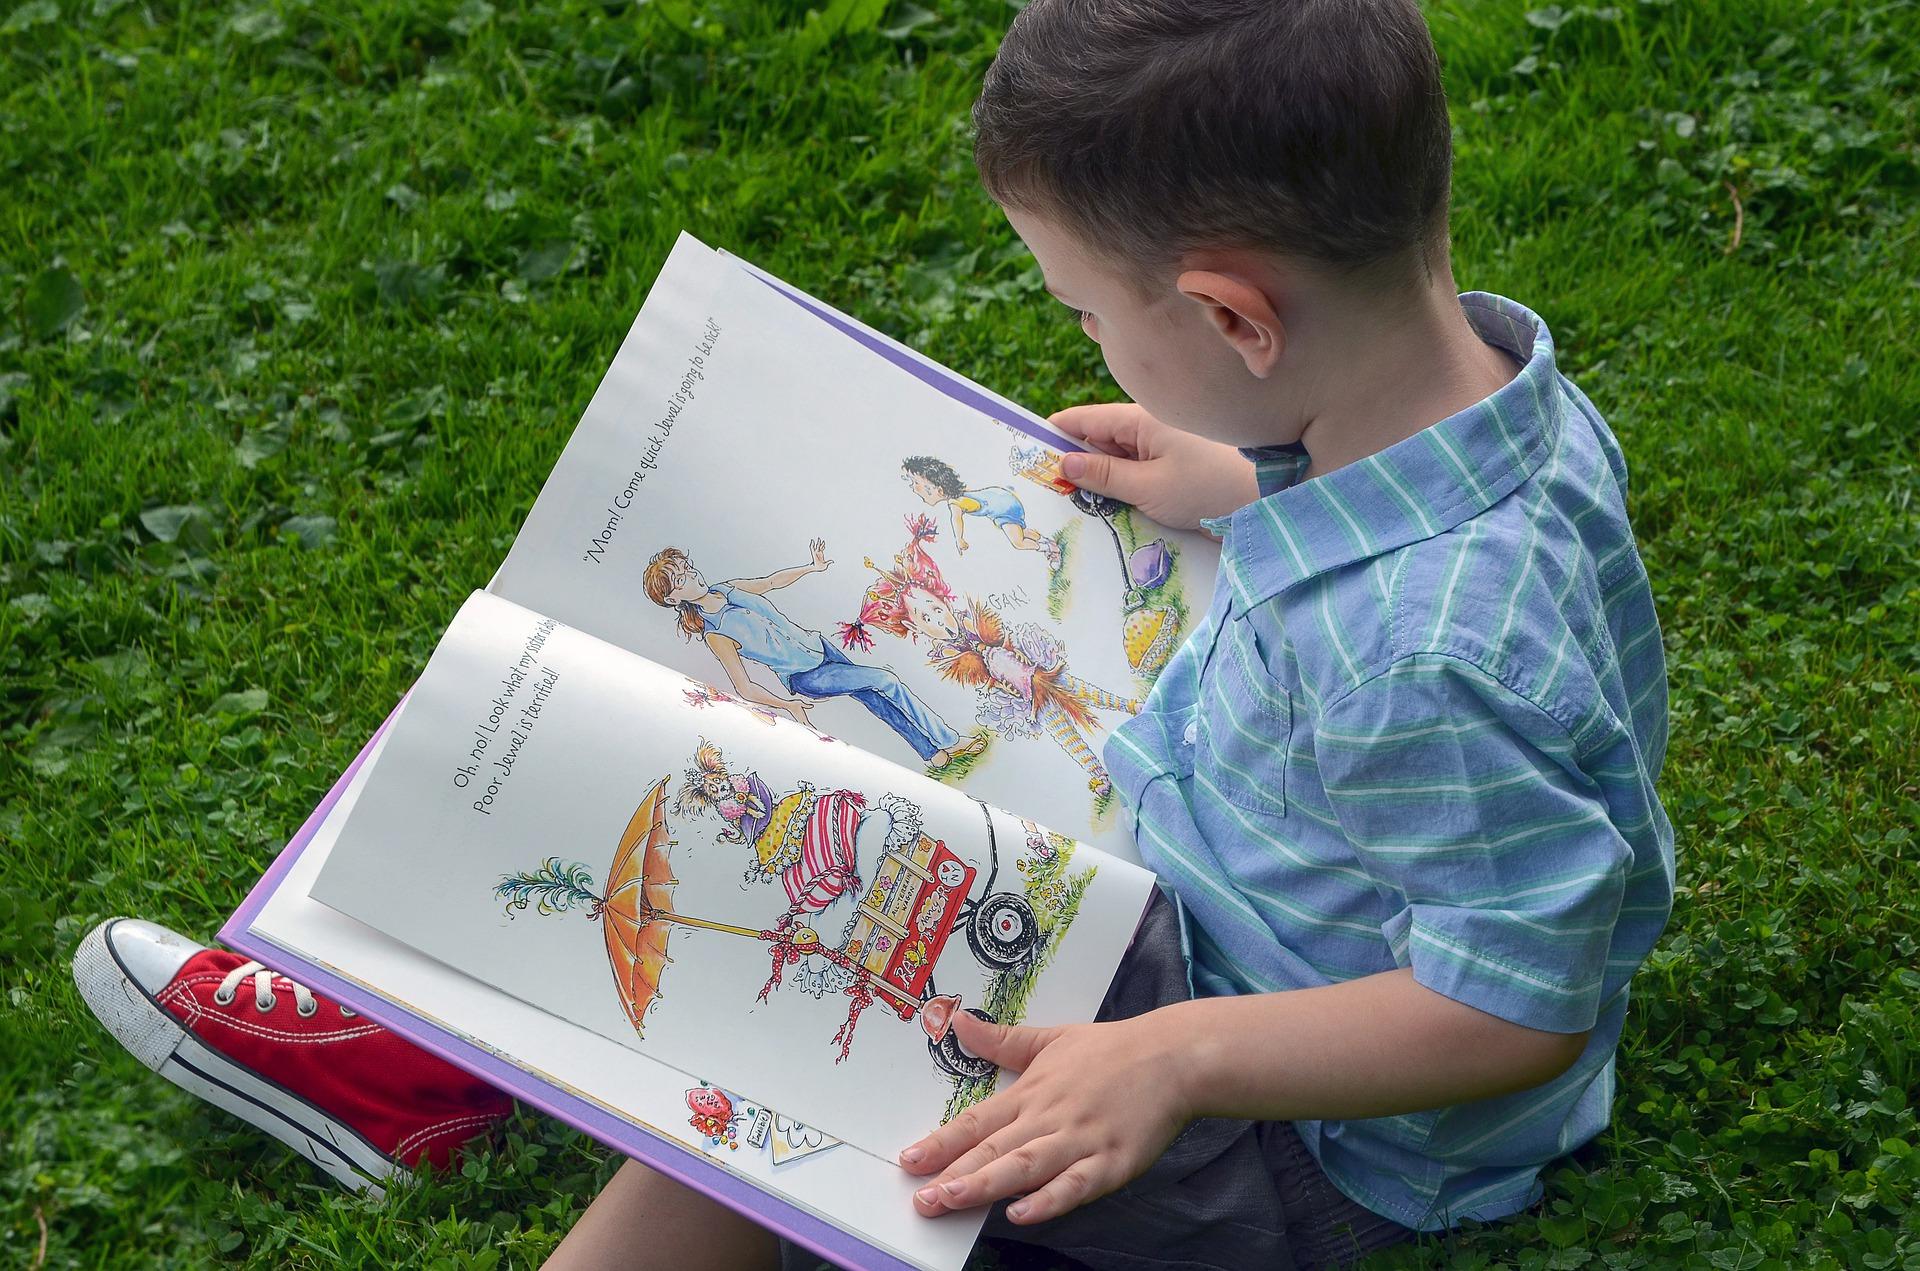 prereading activities